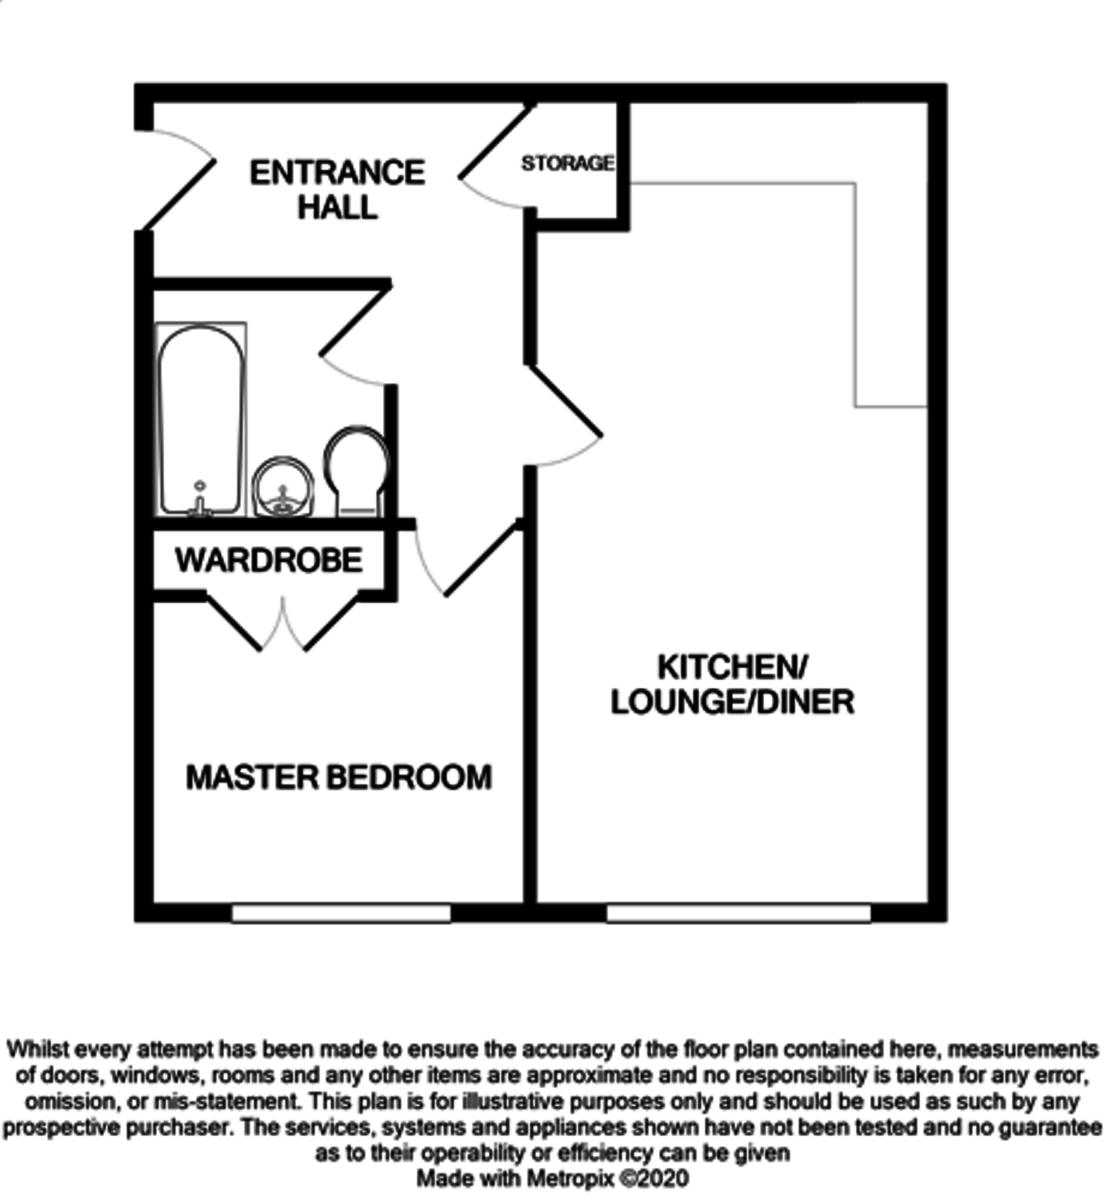 Octahedron, 50 George Street floorplan 1 of 1